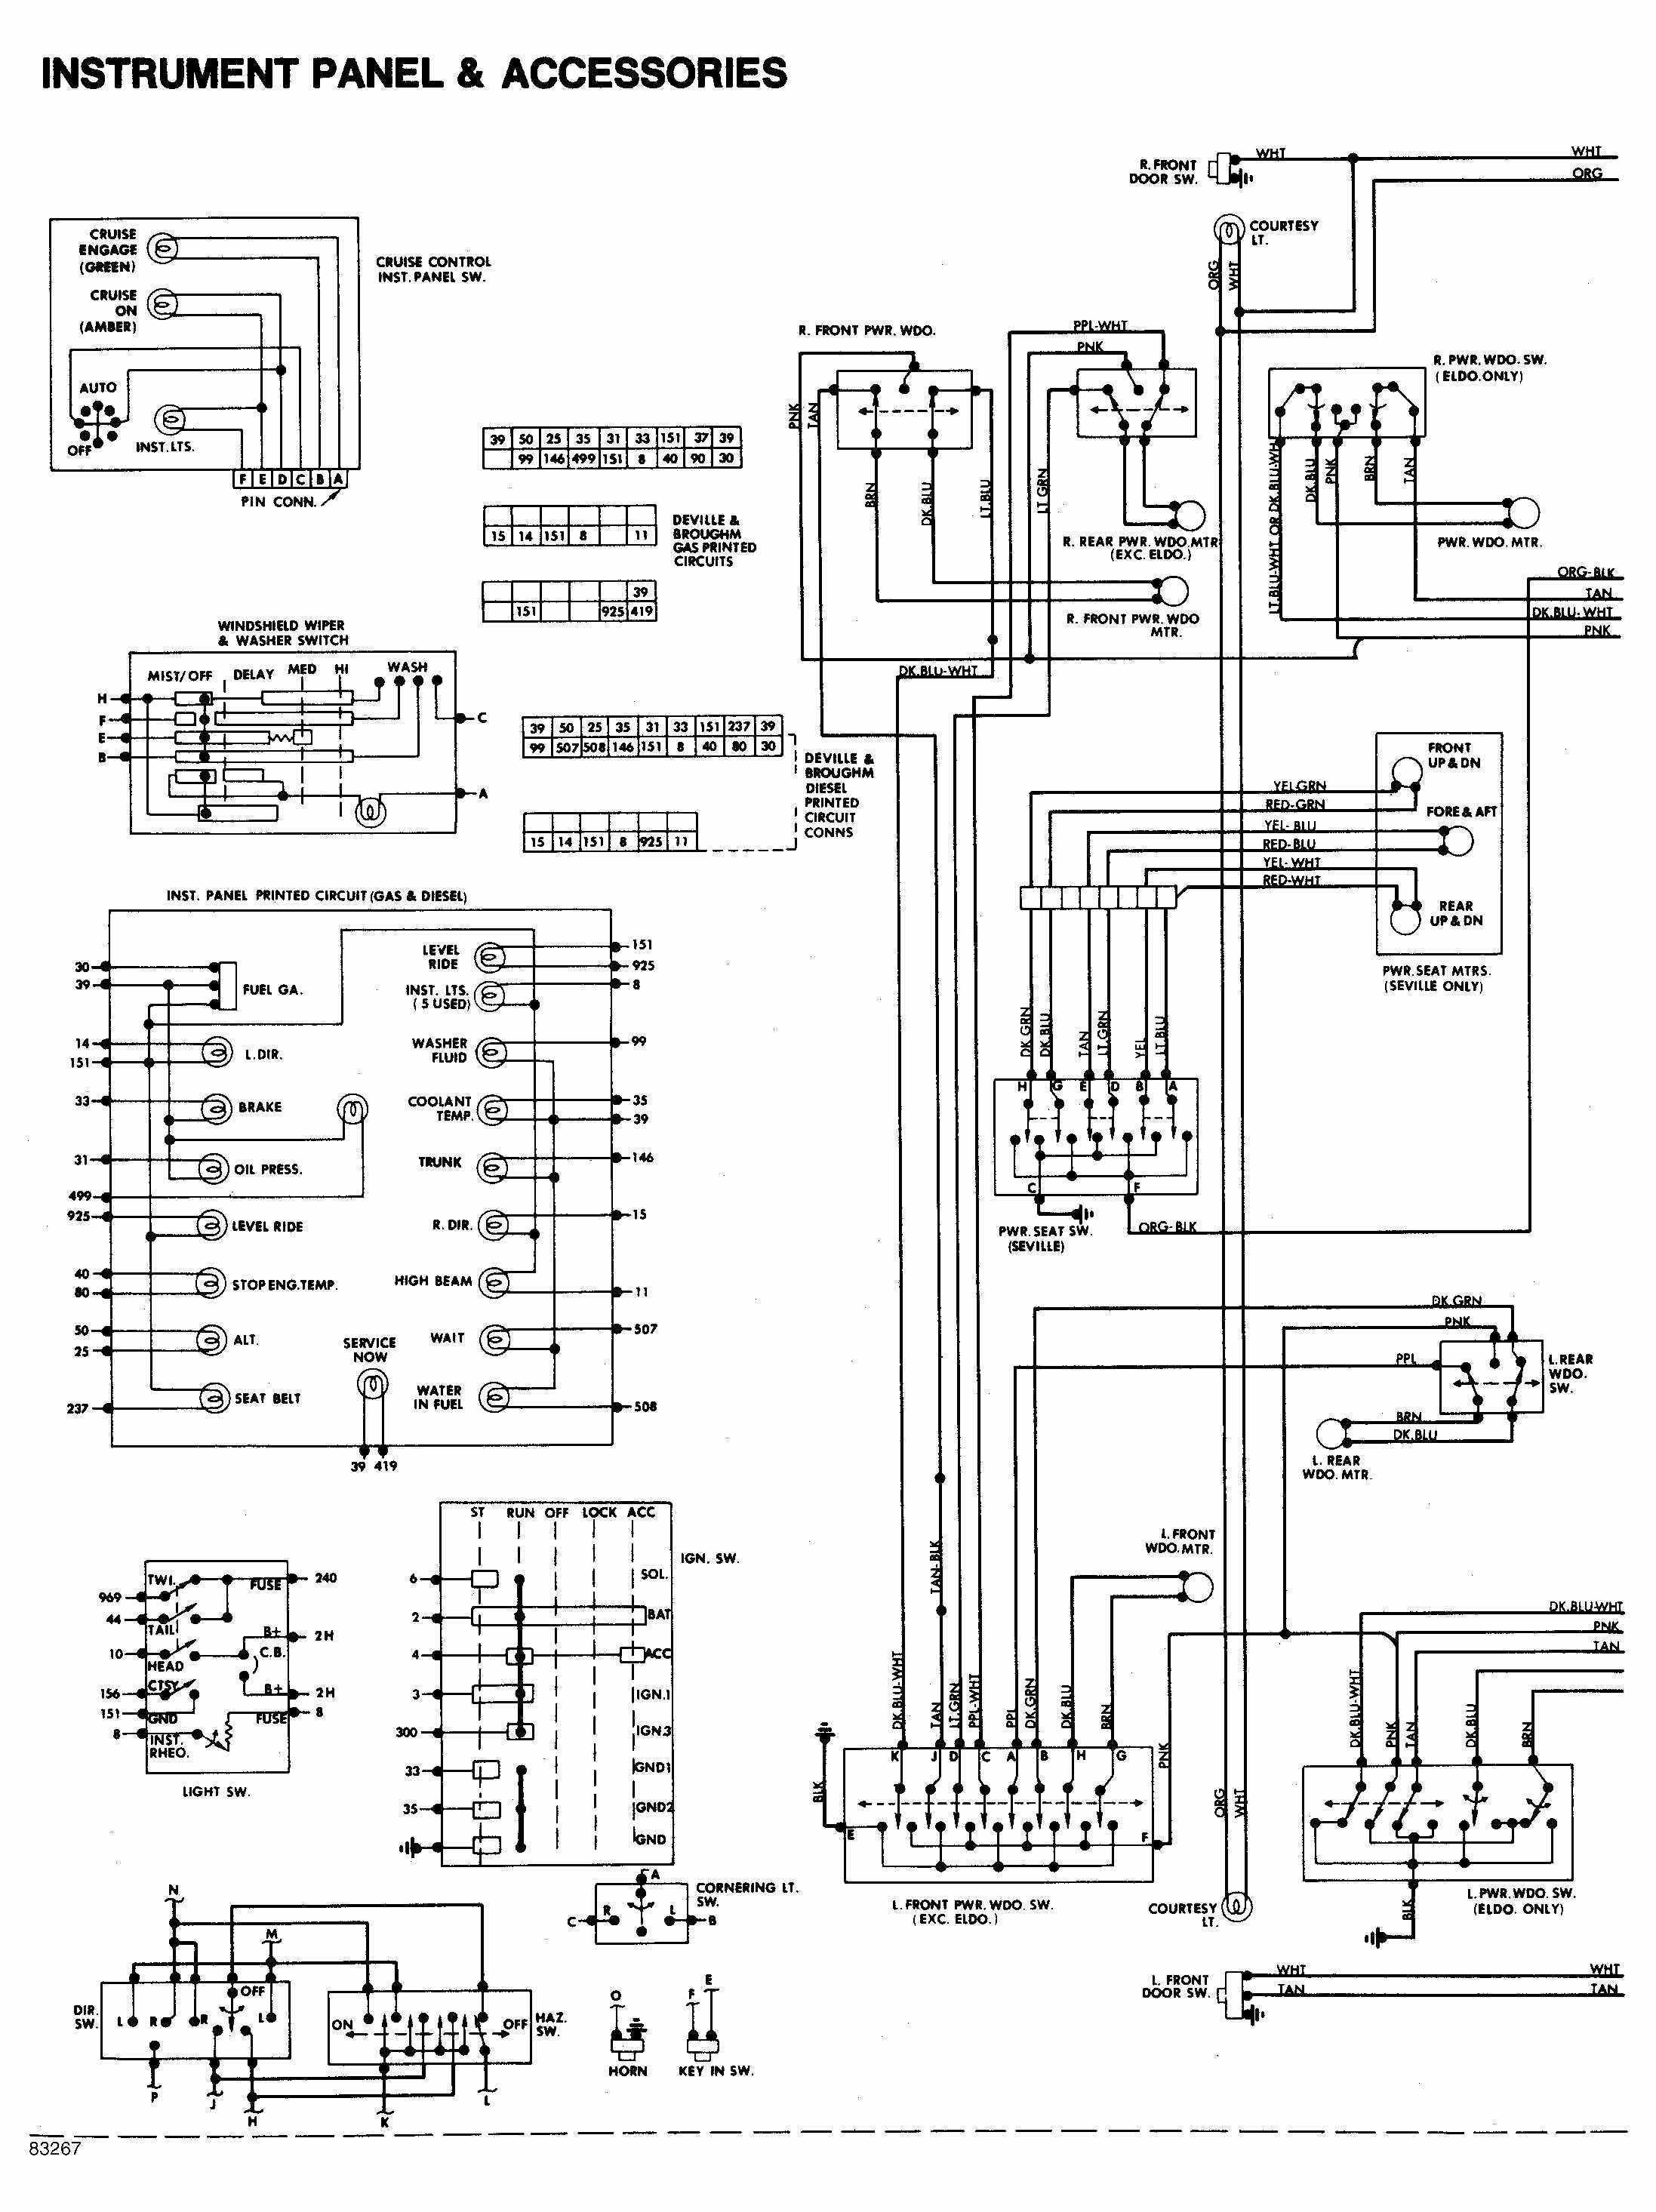 cadillac northstar wiring diagram wiring library Hunter Wiring-Diagram 92 cadillac deville wiring diagram 34 wiring diagram